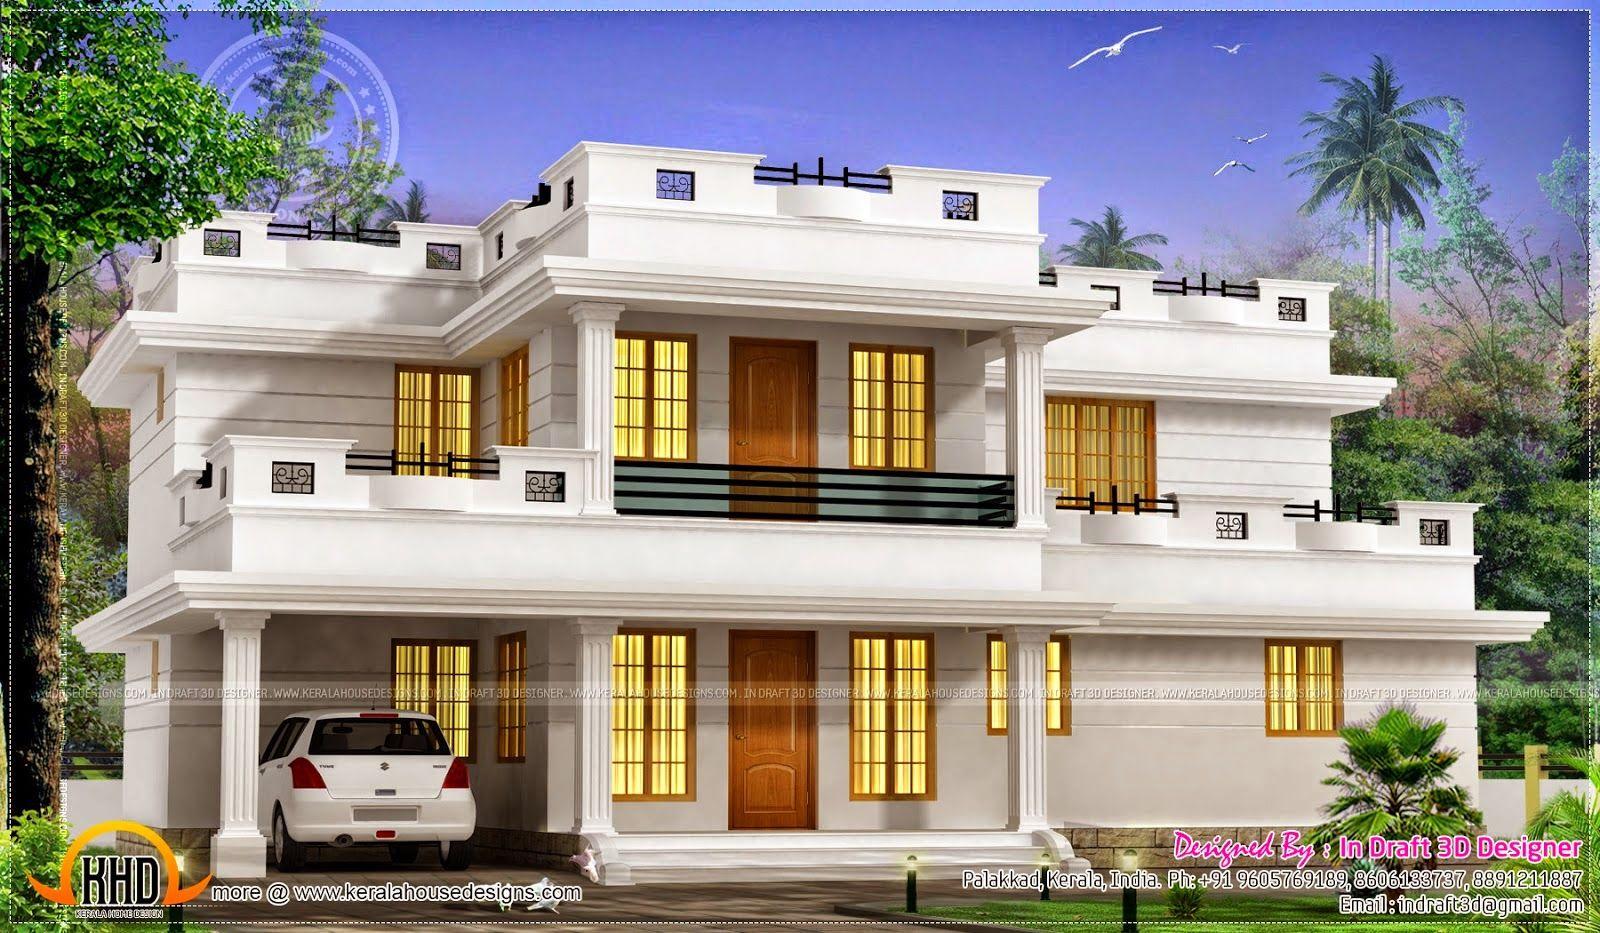 Rumah Minimalis 2 Lantai Atap Datar Desain Rumah Minimalis